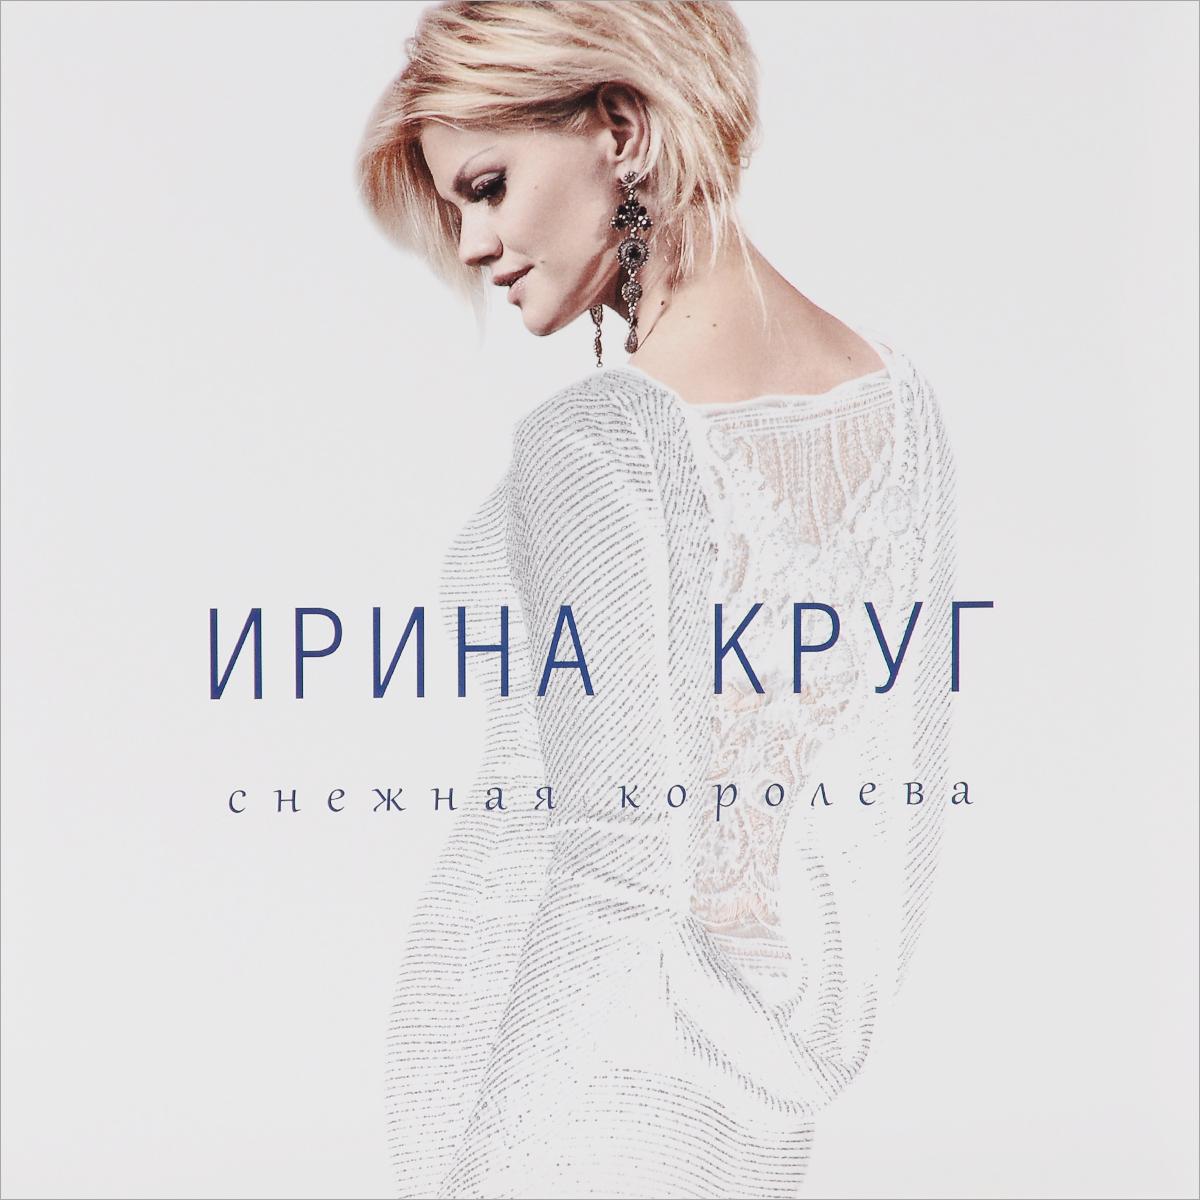 Ирина Круг Ирина Круг. Снежная королева (LP) никольская ирина книги